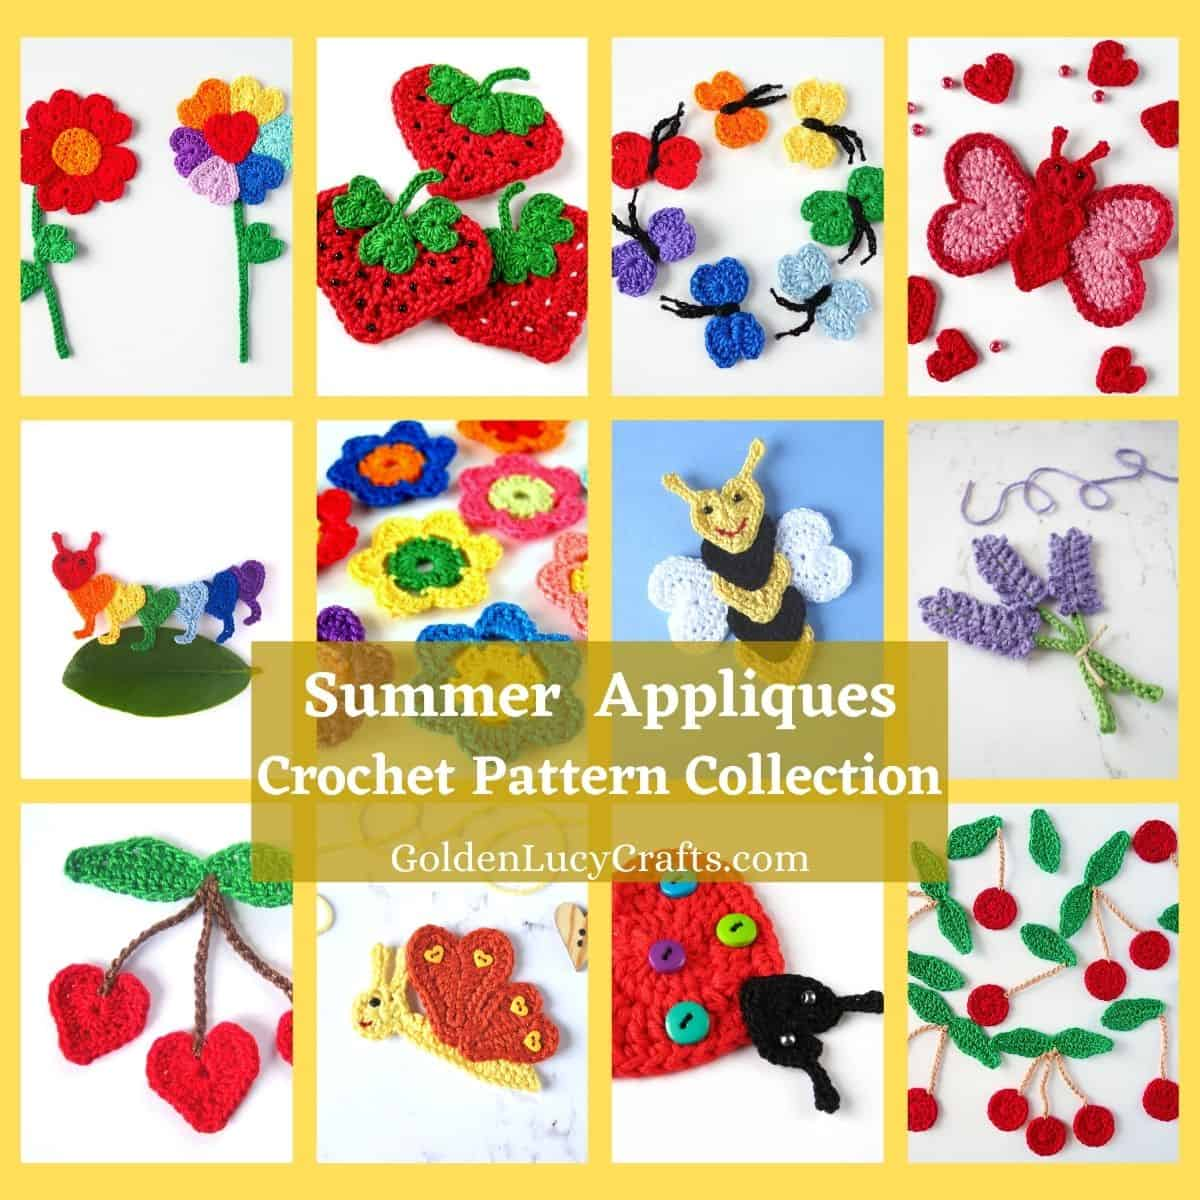 Collage de fotos de apliques de verano de ganchillo: flores, mariposas, bayas e insectos.